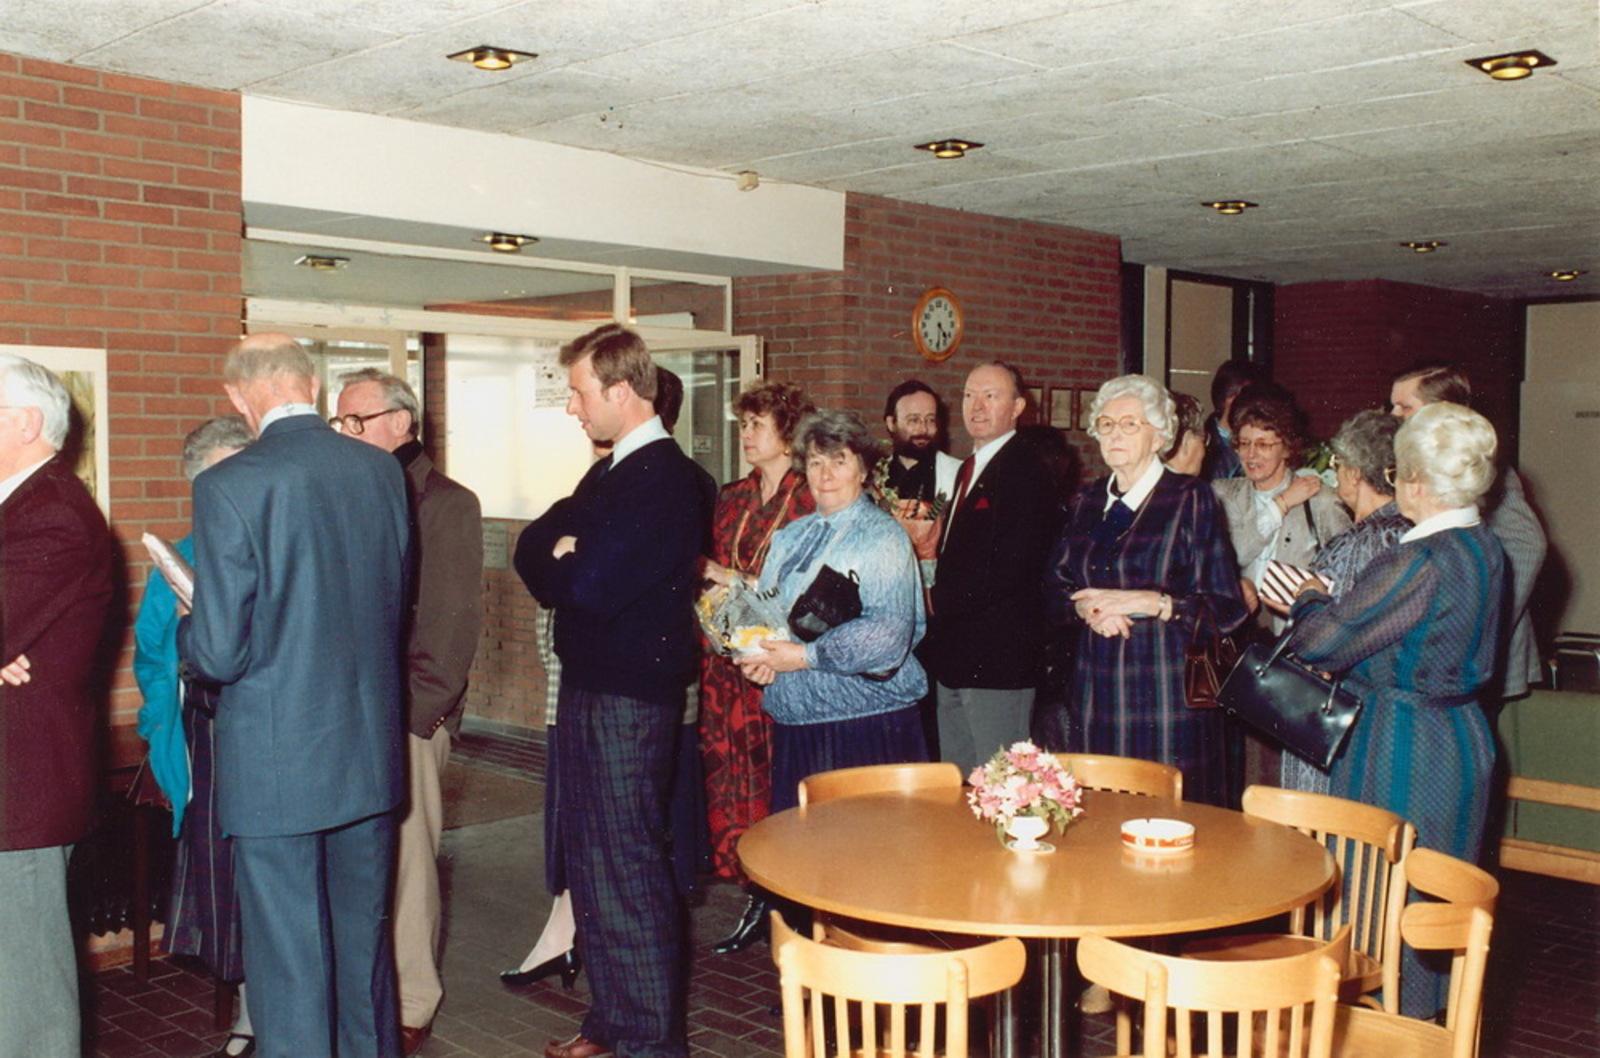 Marktlaan O 0022 1988 Sigarenboer Kraak 50jr Jub en Sluiting 48